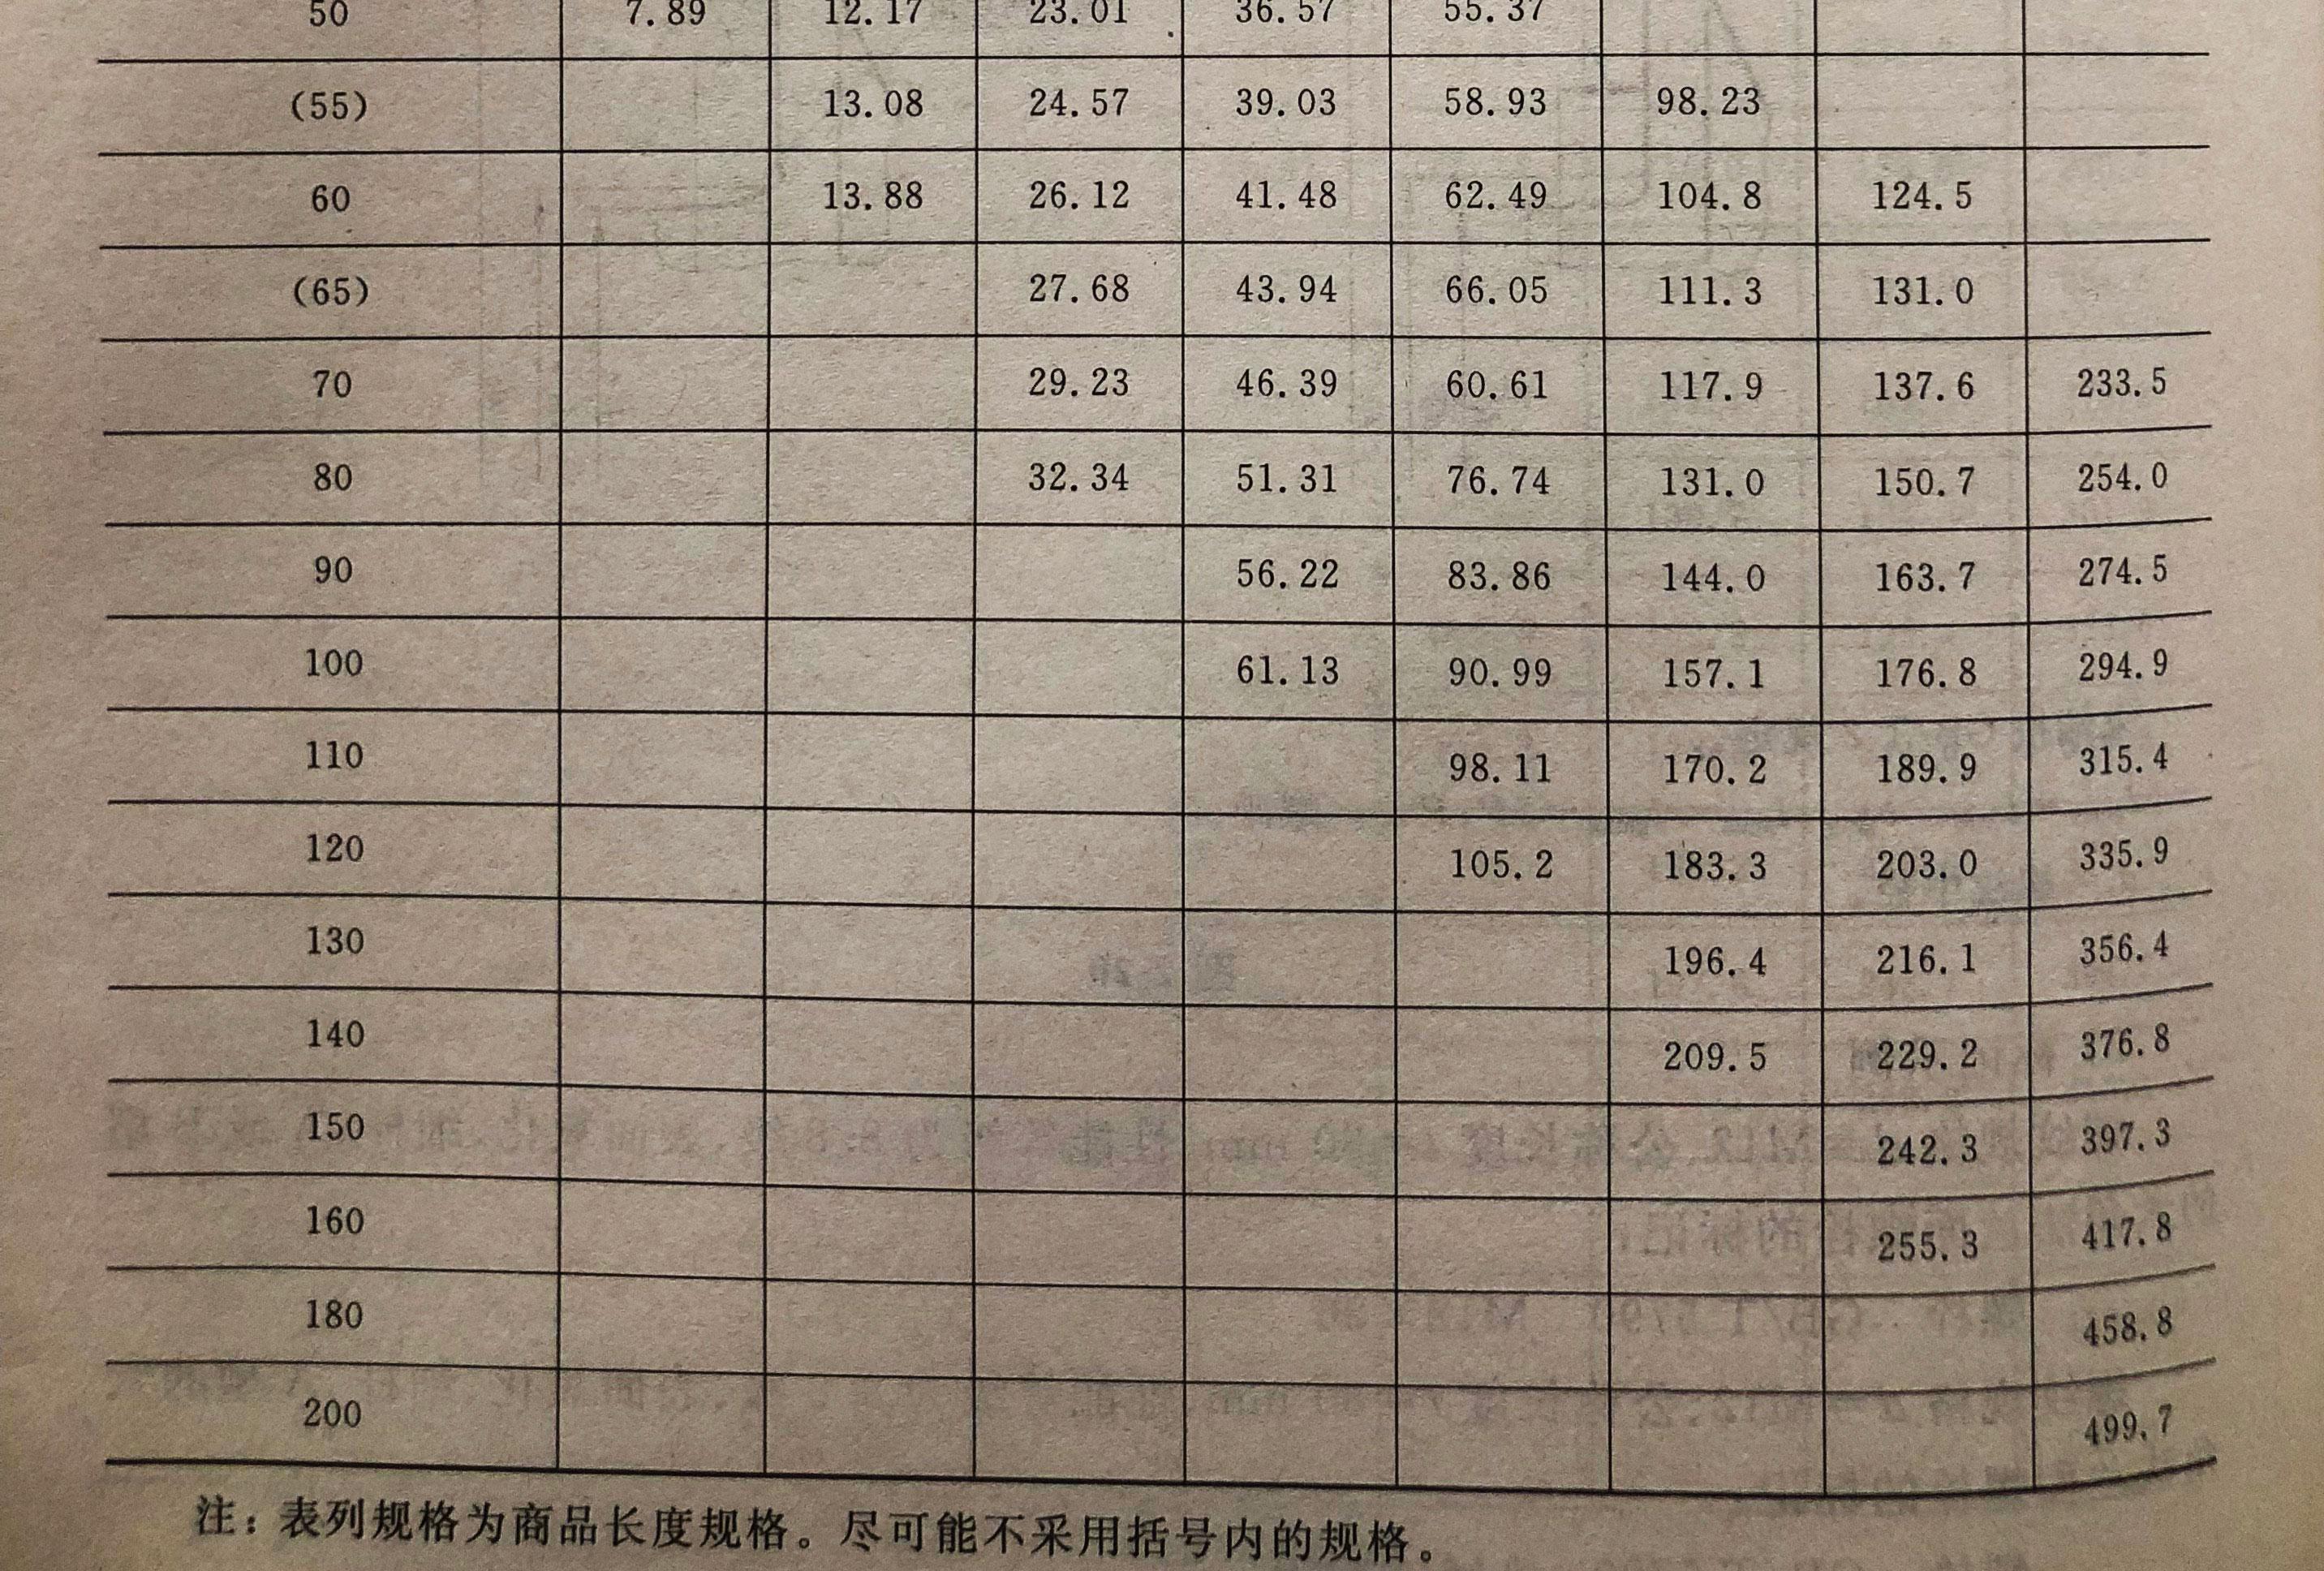 六角法兰面螺栓-尺寸与重量4_02